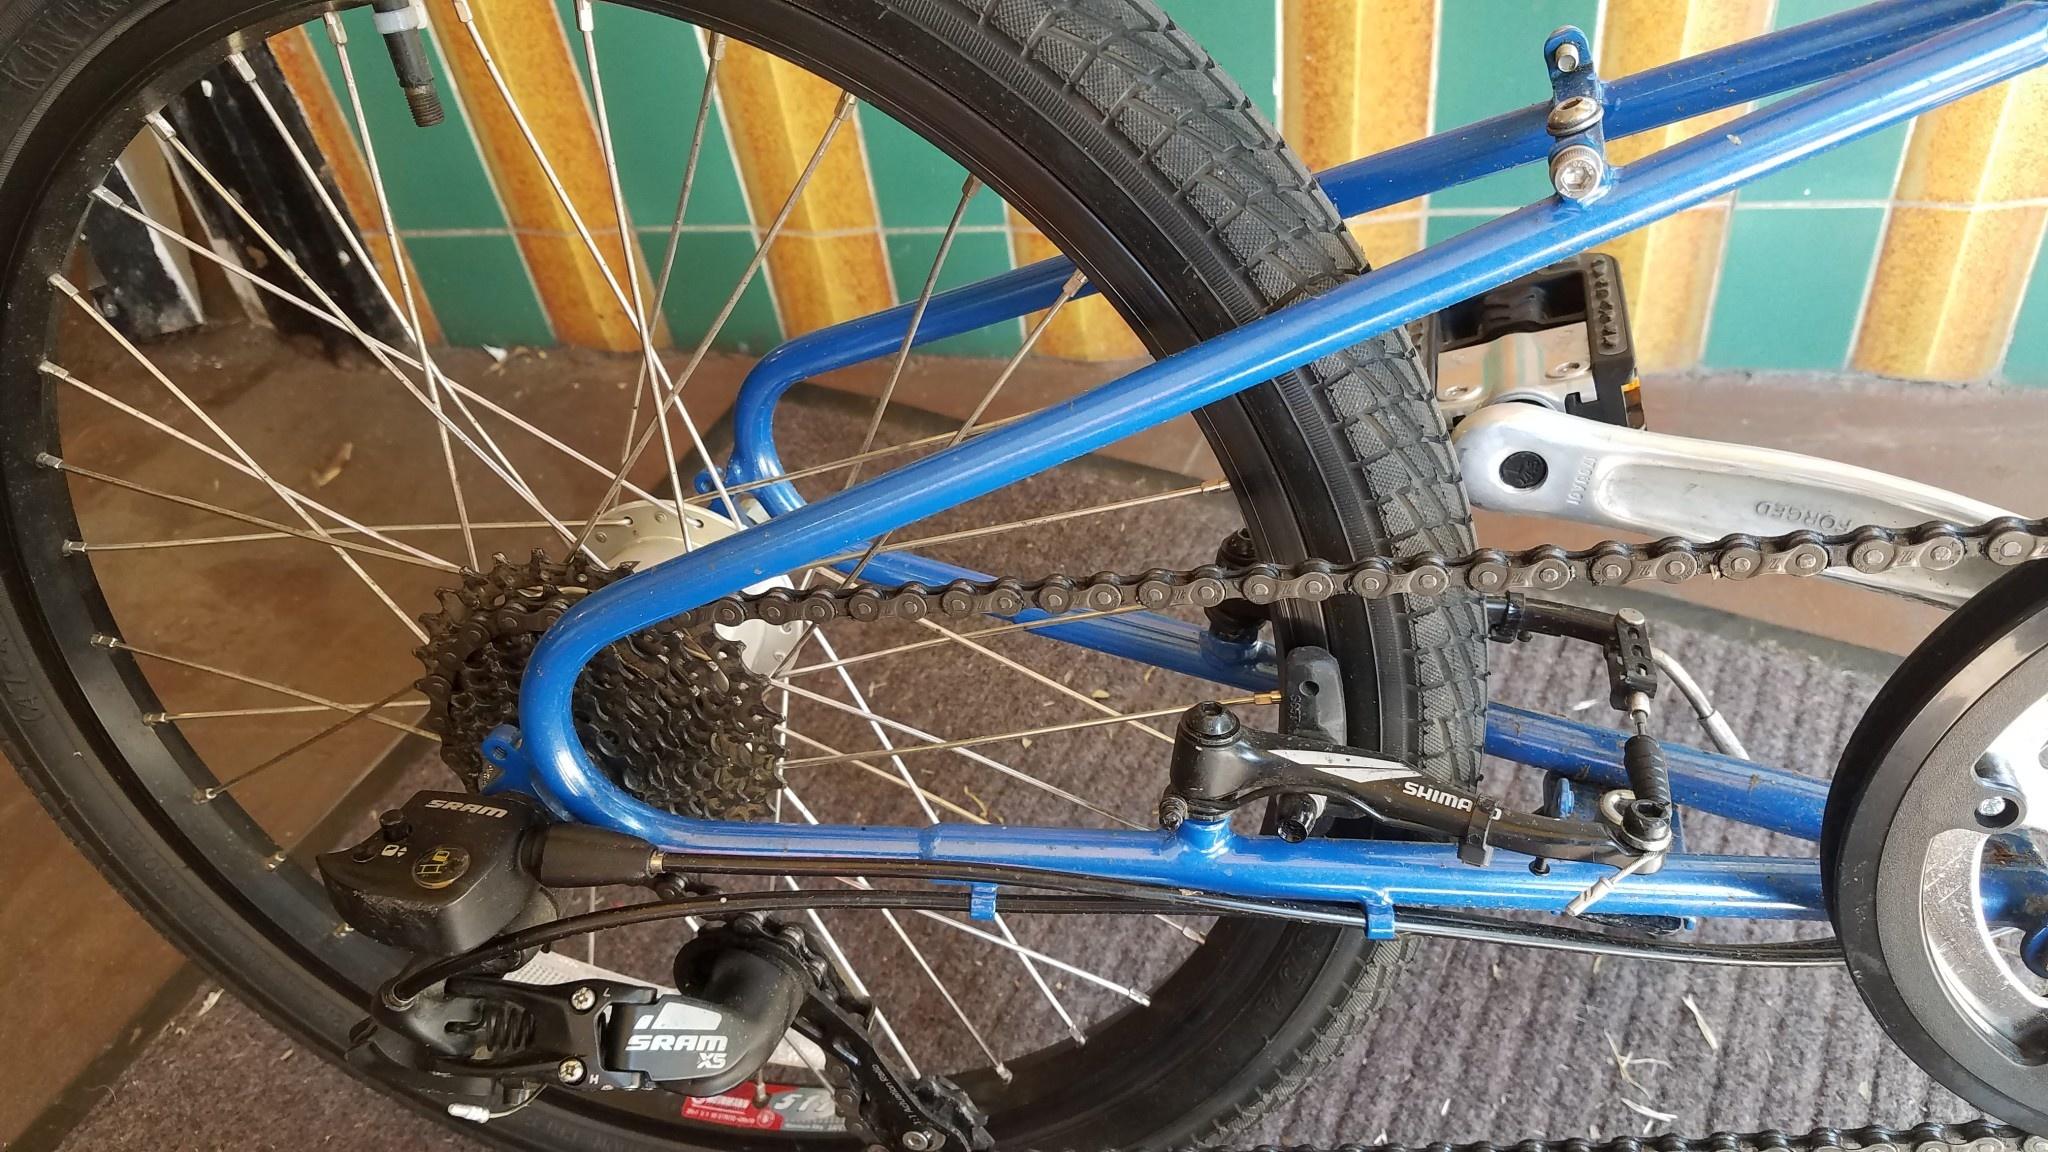 Bike Friday BikeFriday, FOSATA24 DualDrive, cream soda blue, 32446